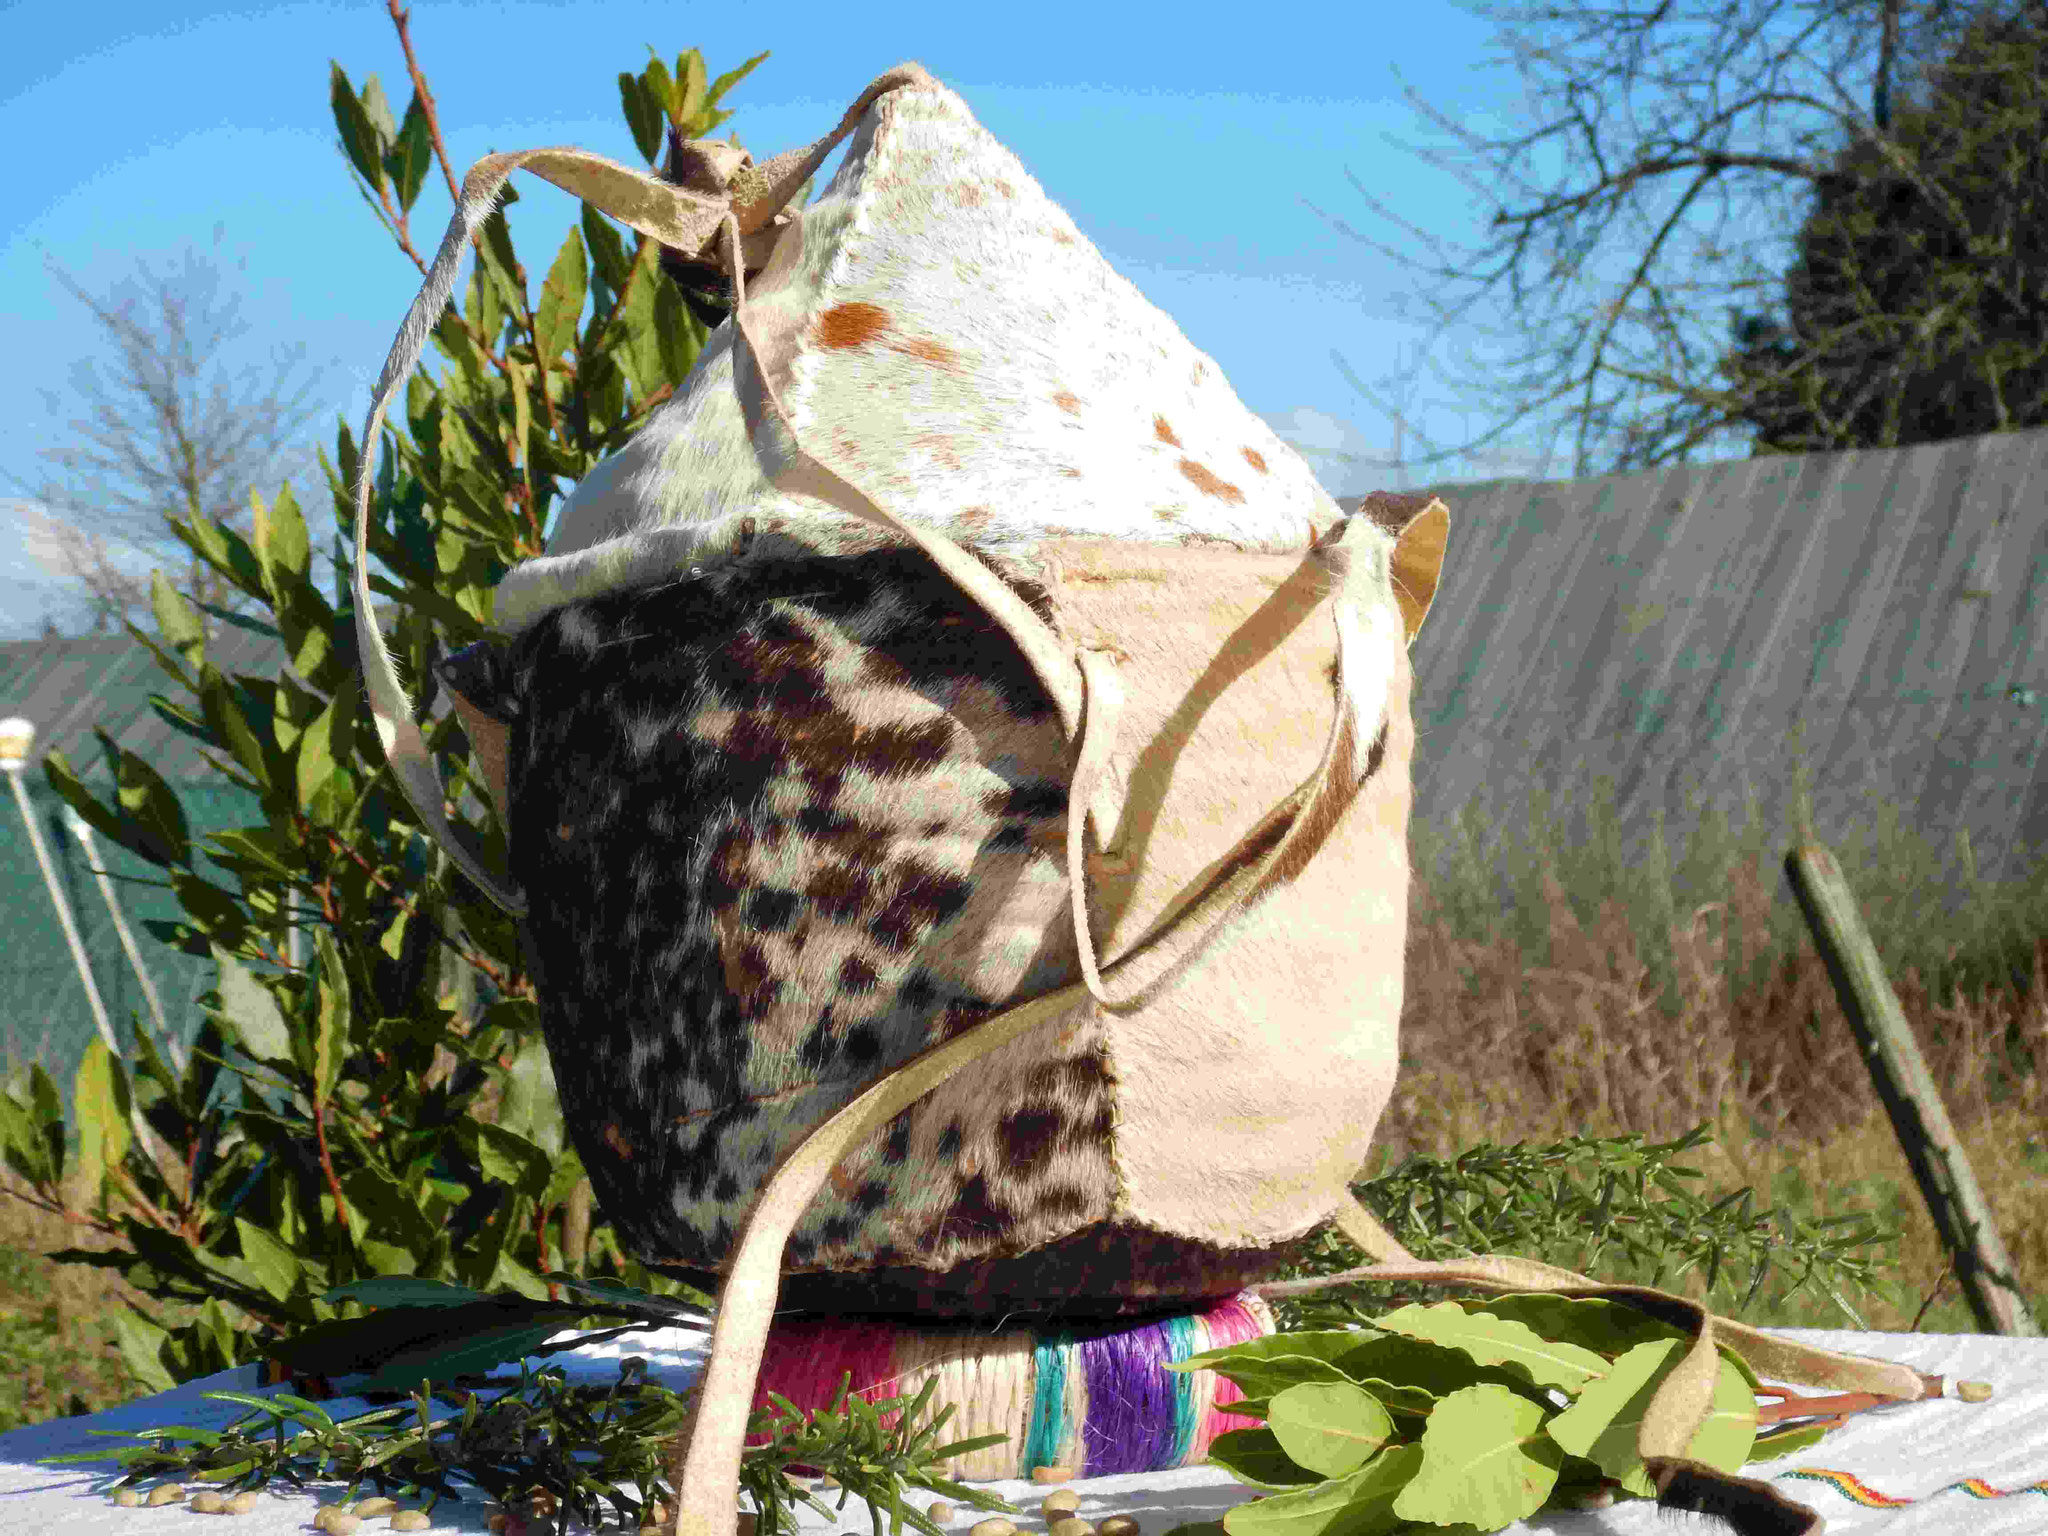 Ethiopie Artisanat ethiopien Epices éthiopiennes made by locals solidaire équitable artisanat textils Café ethiopie Moringa Bio voyage Ethiopie